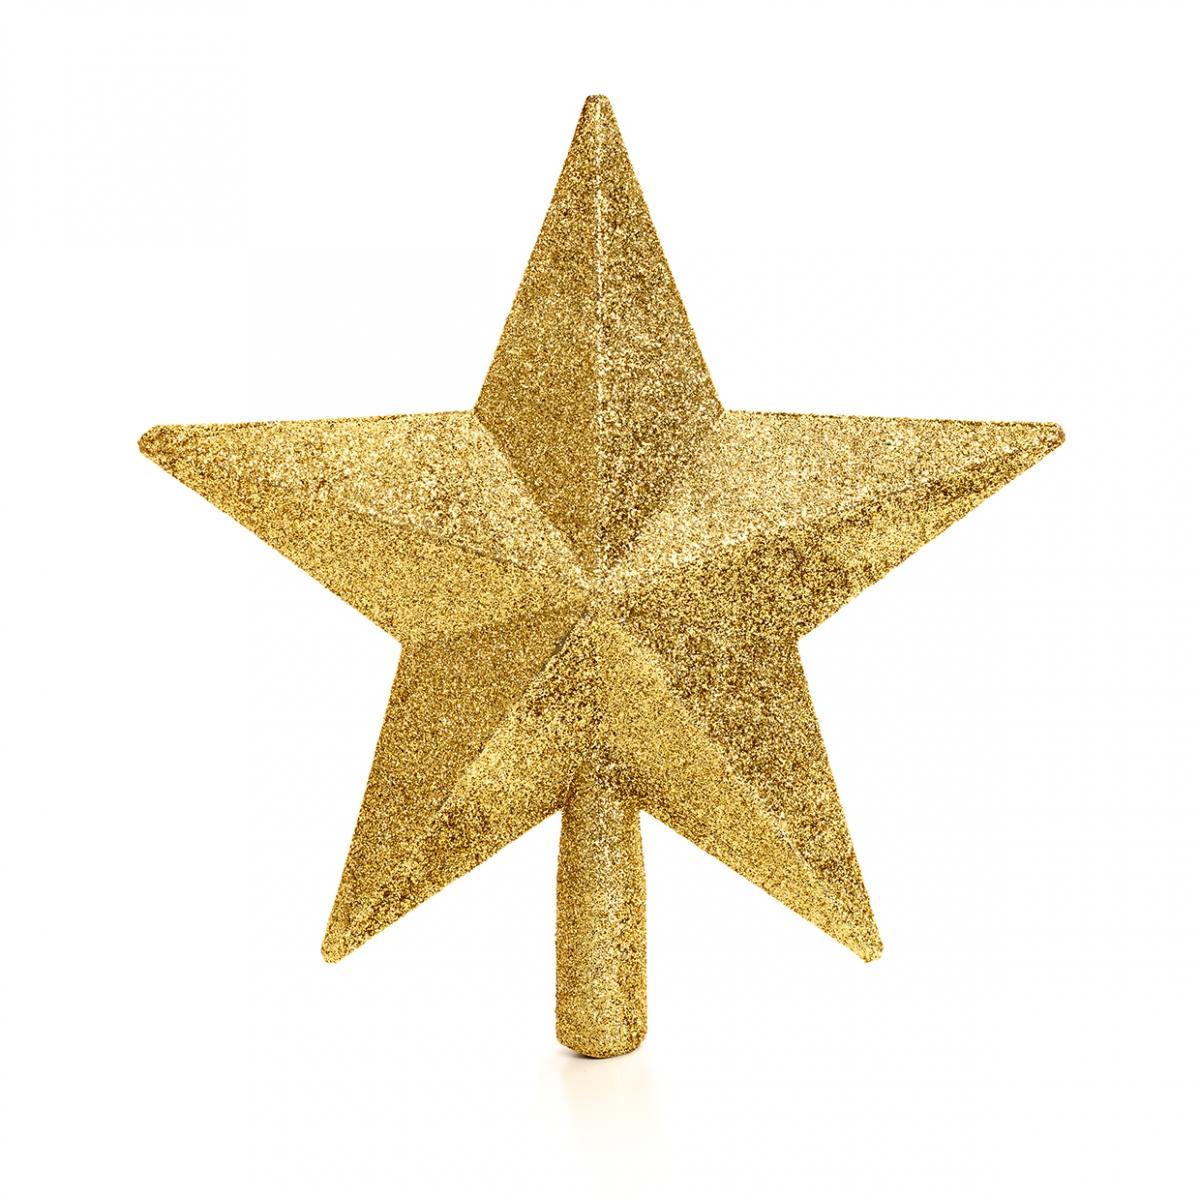 Imagen en la que se ve una estrella de Navidad